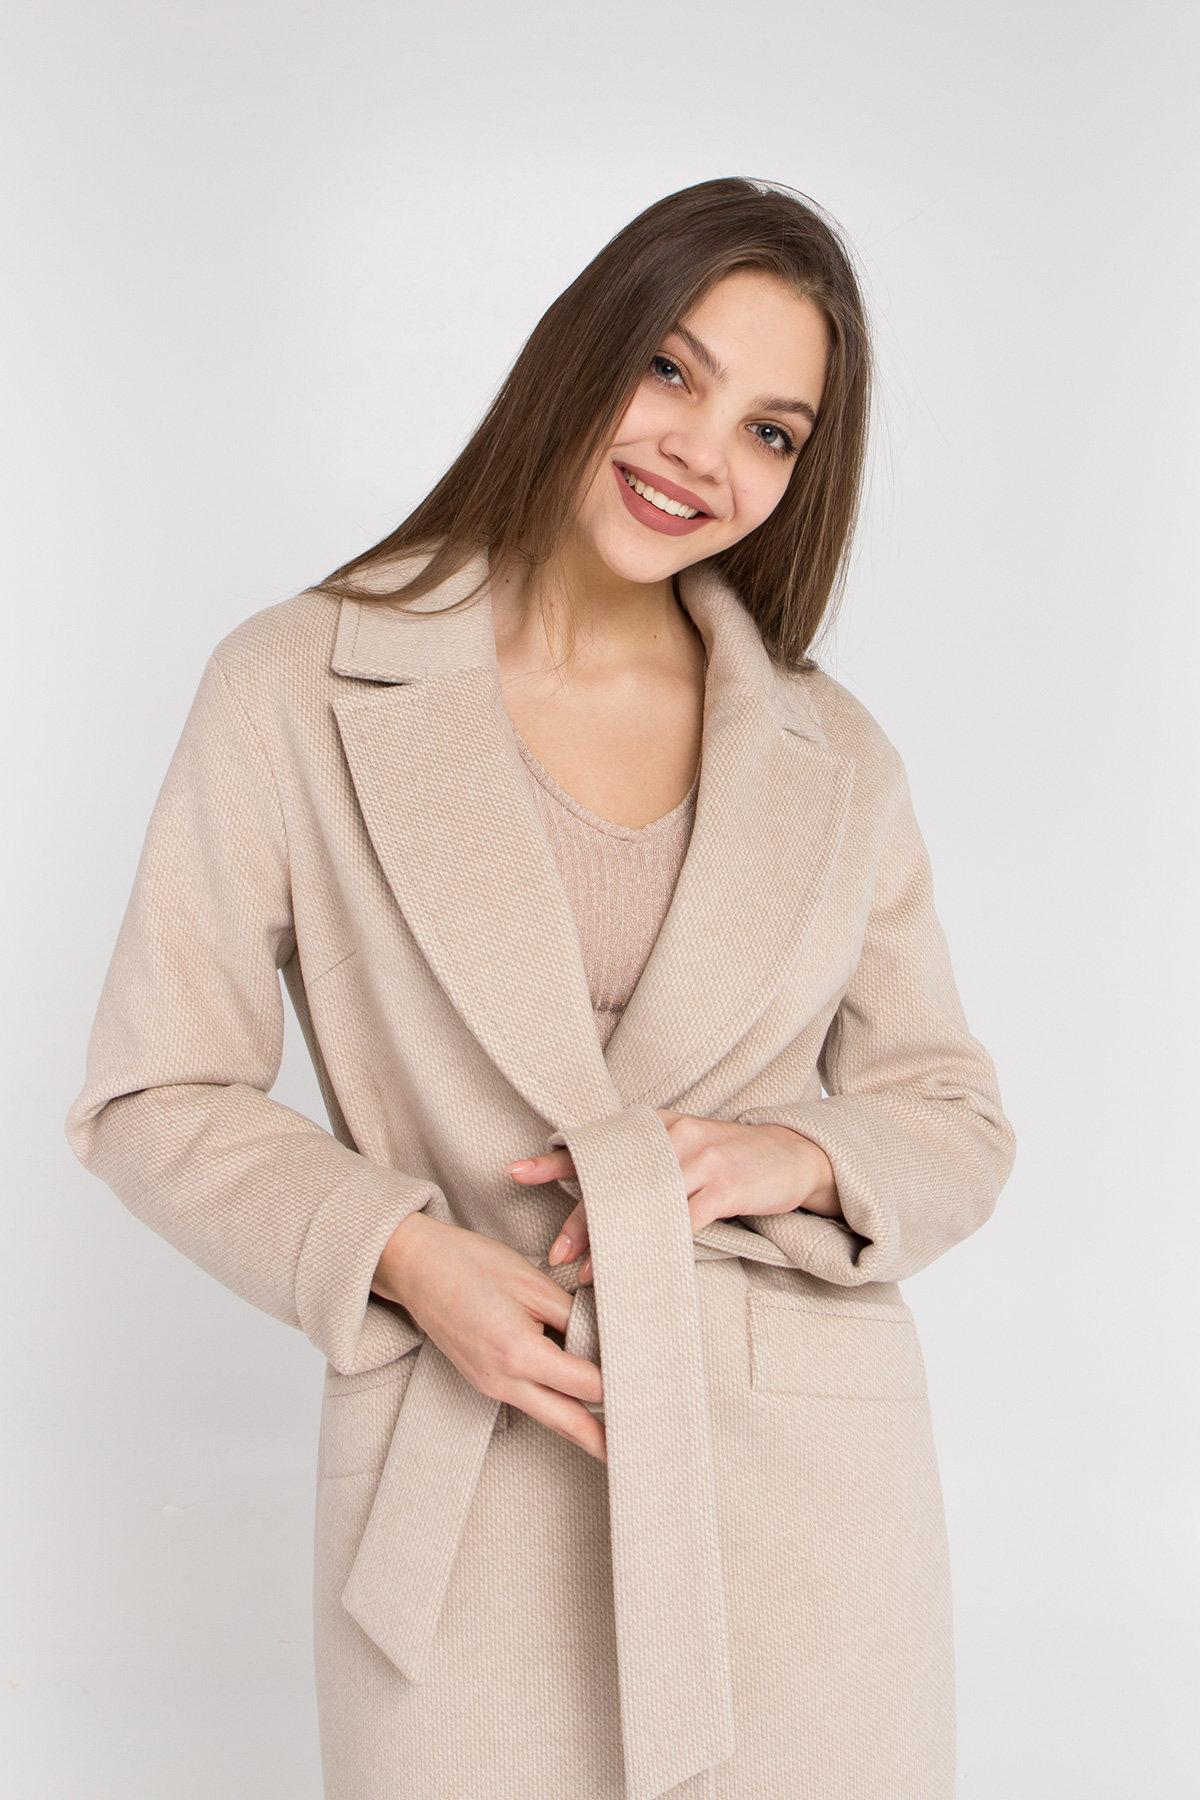 Кашемировое пальто Вейсона 8803 АРТ. 45174 Цвет: Бежевый - фото 9, интернет магазин tm-modus.ru